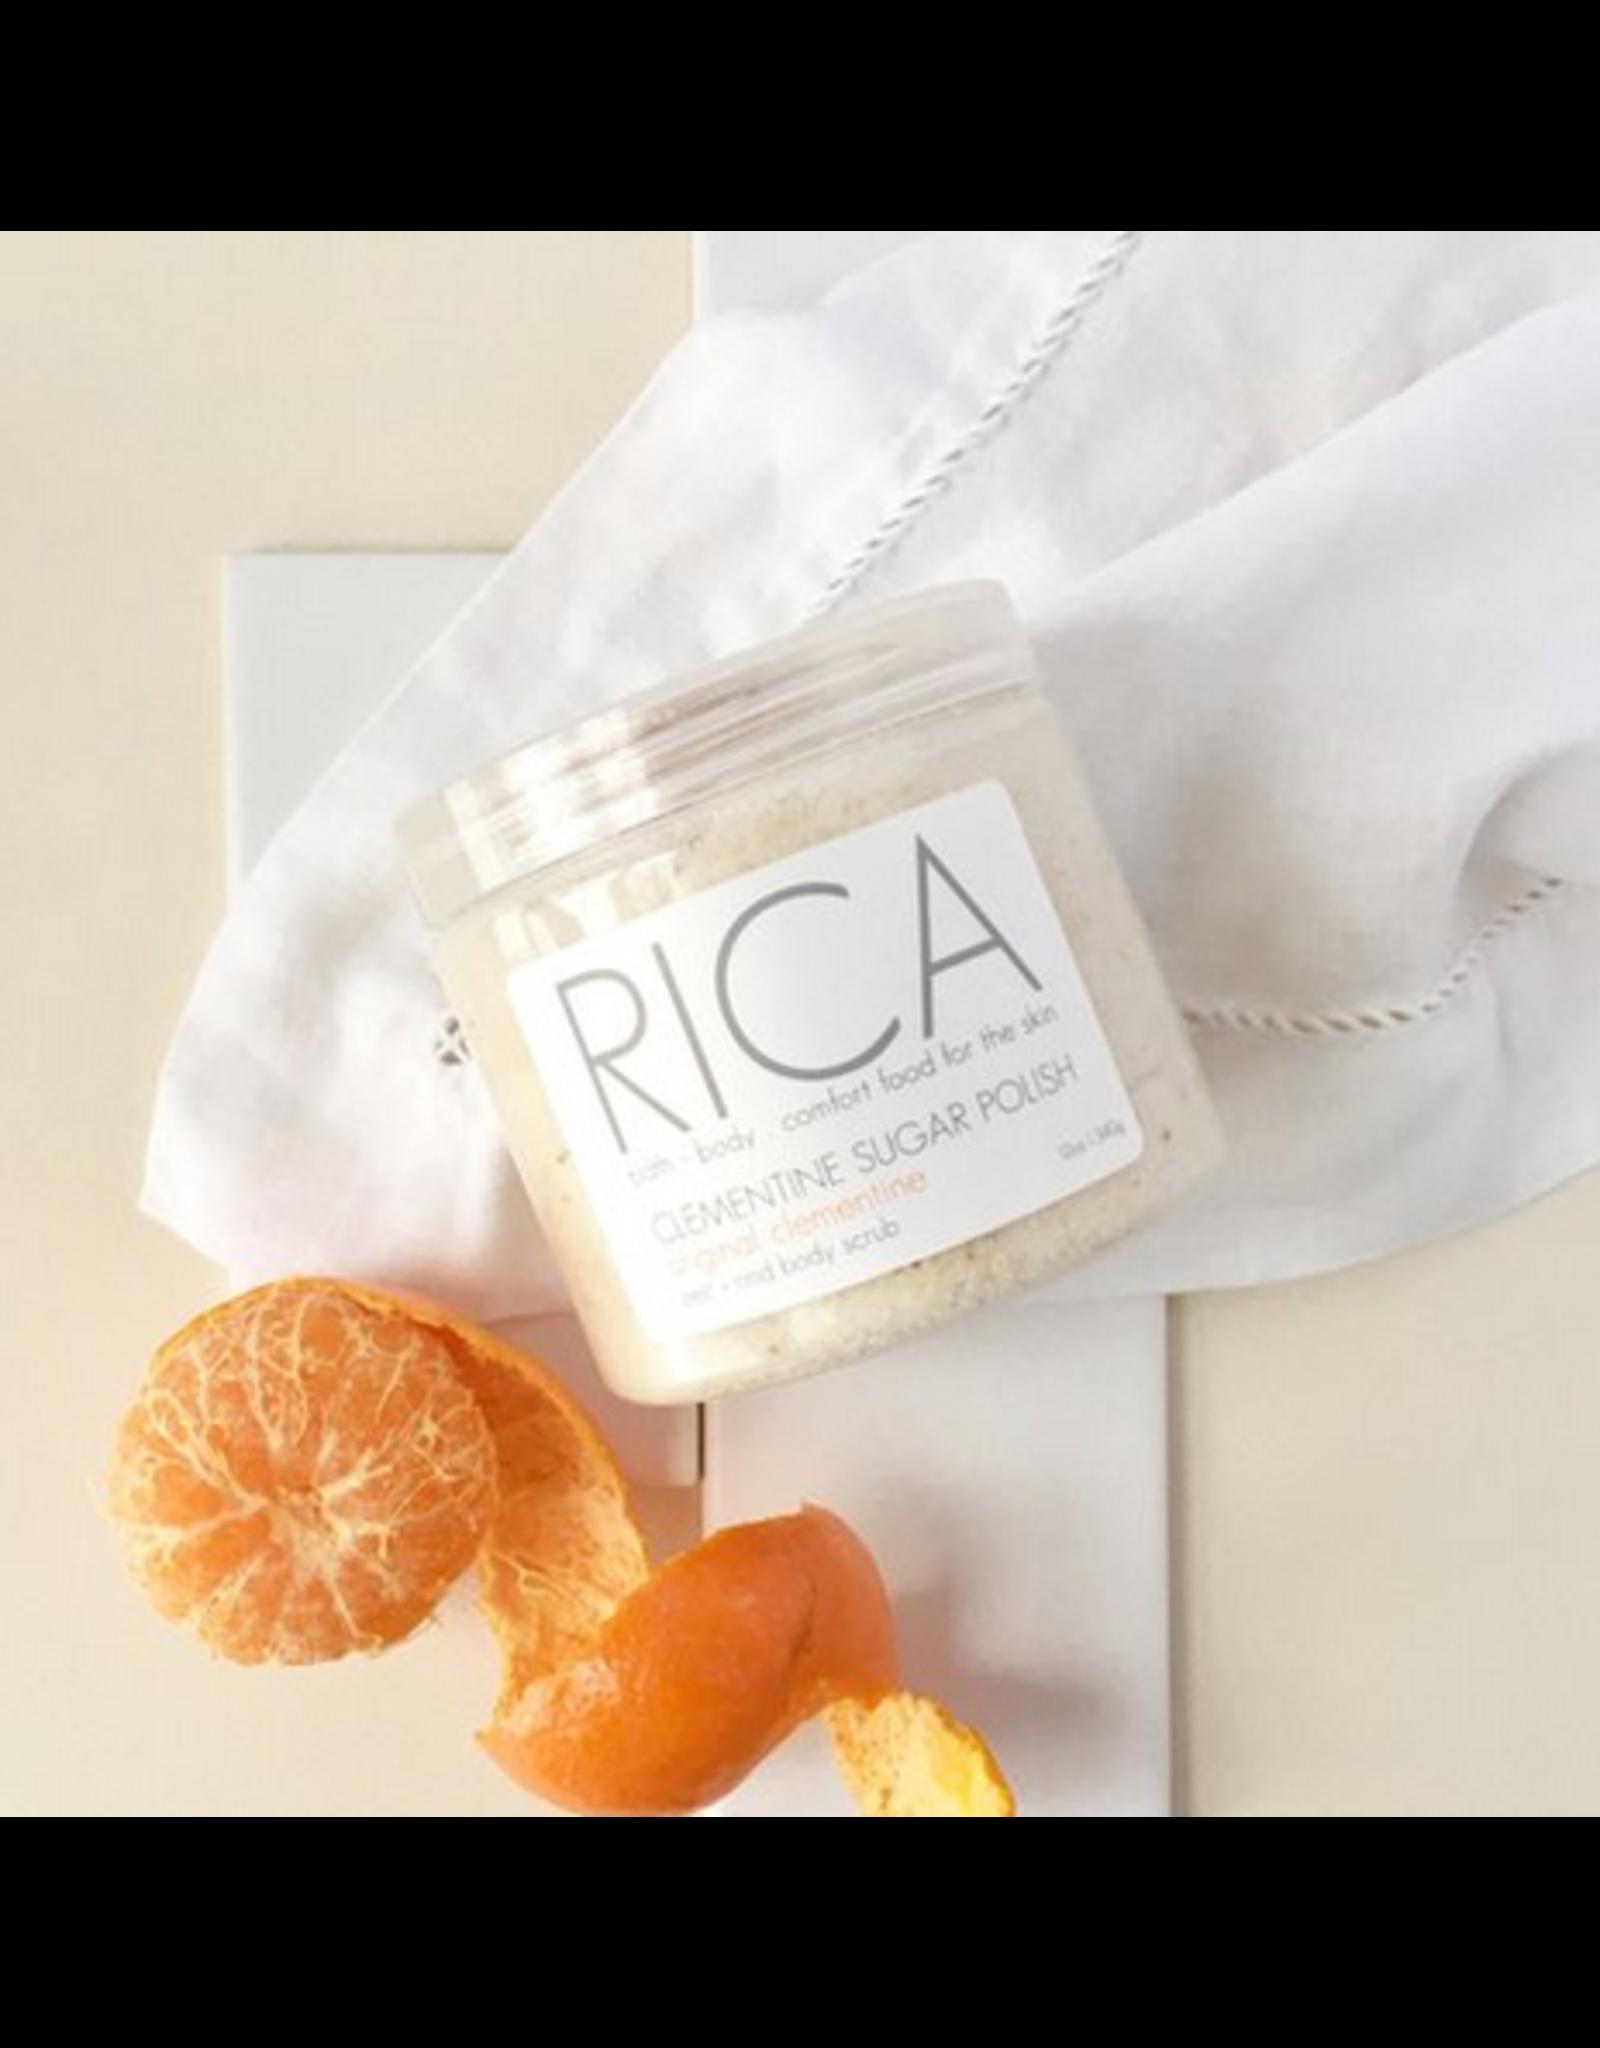 Rica Bath & Body Clementine Sugar Polish